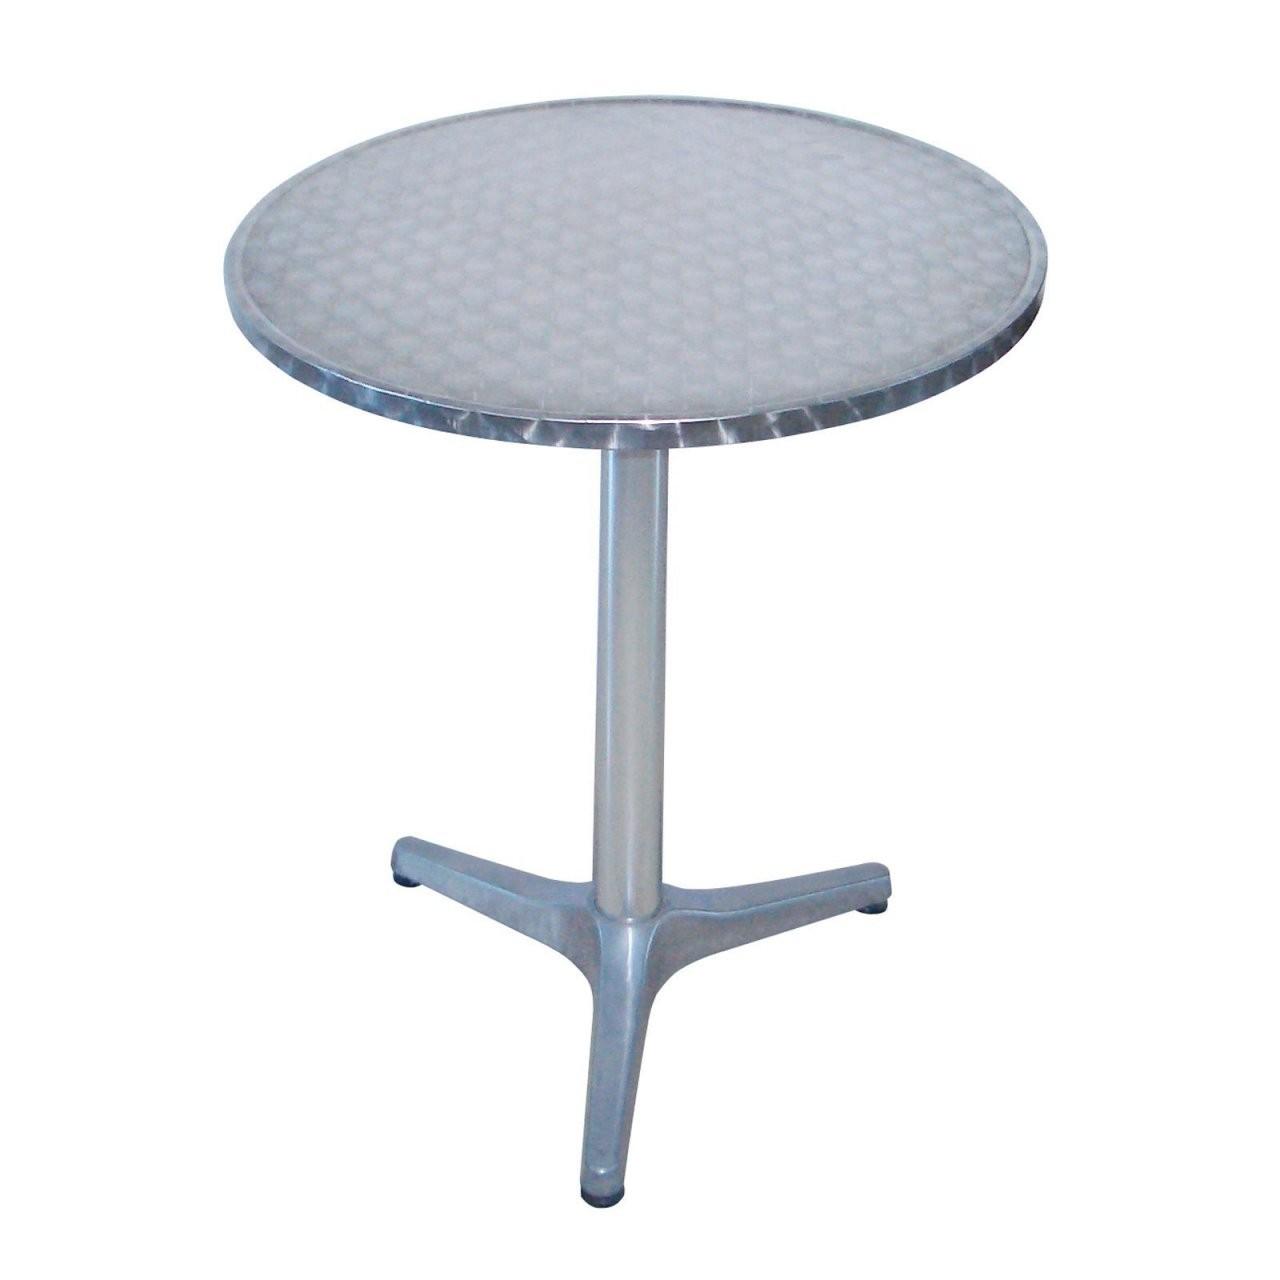 Esstisch Rund 70 Cm Durchmesser Ideen Von Gartentisch Rund 60 Cm von Gartentisch Rund 60 Cm Photo